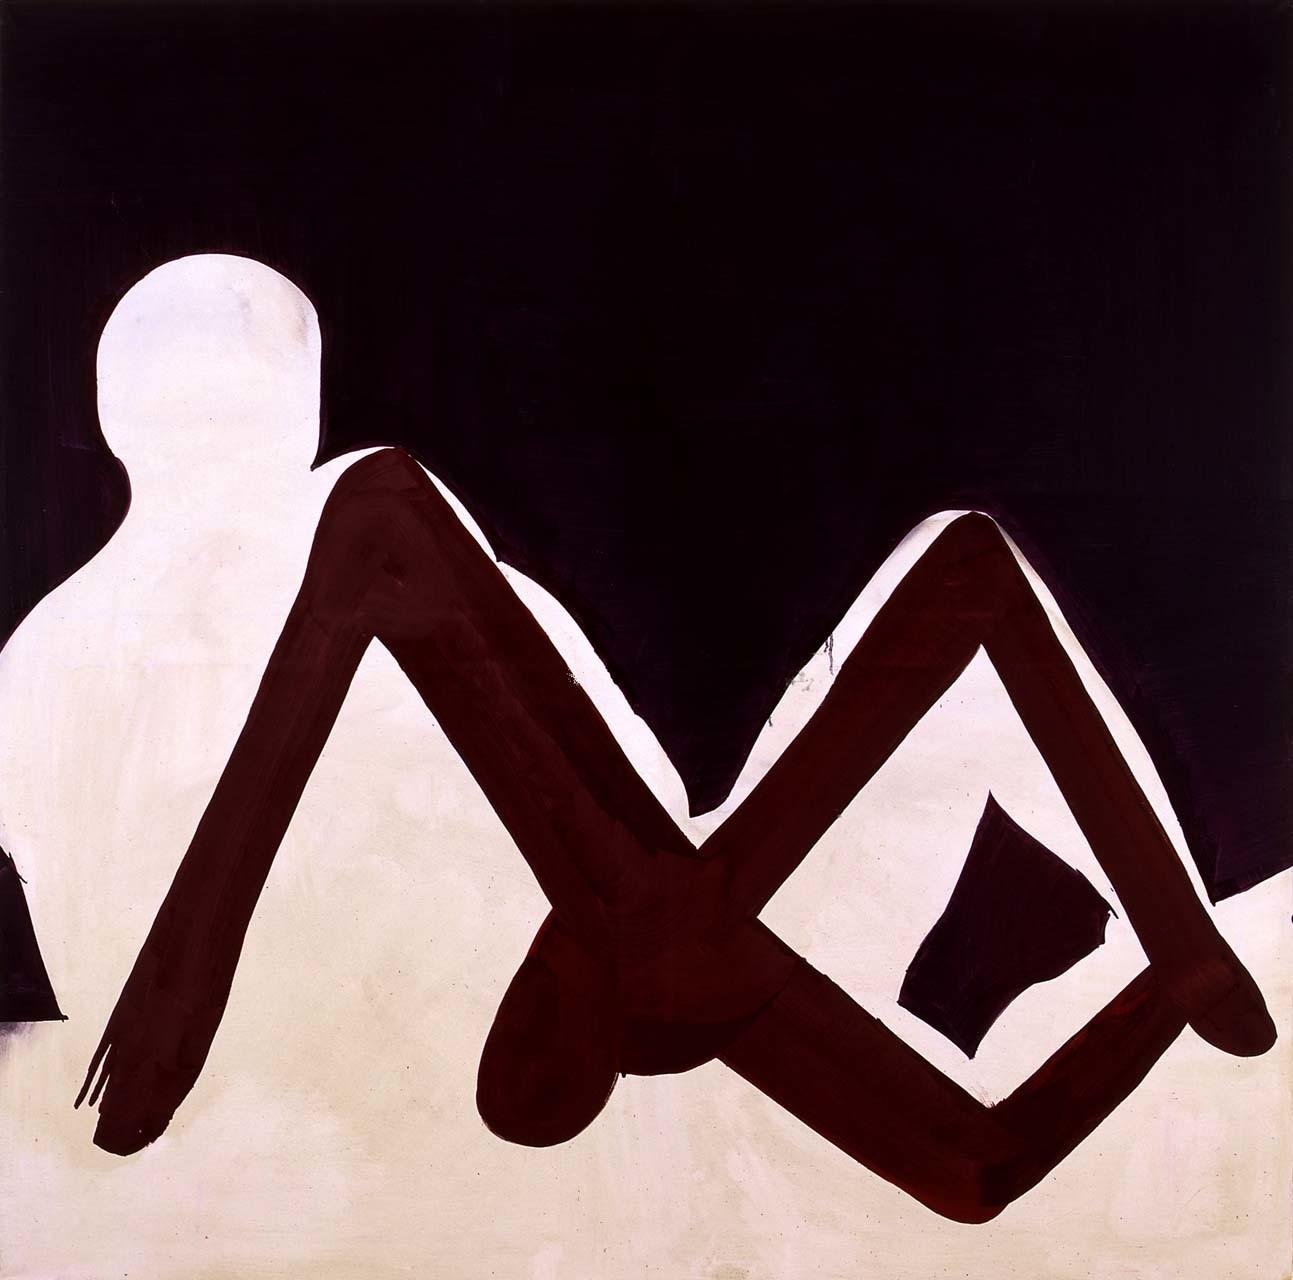 """<div class=""""artwork_caption""""><p>Arab, 2006</p></div>"""